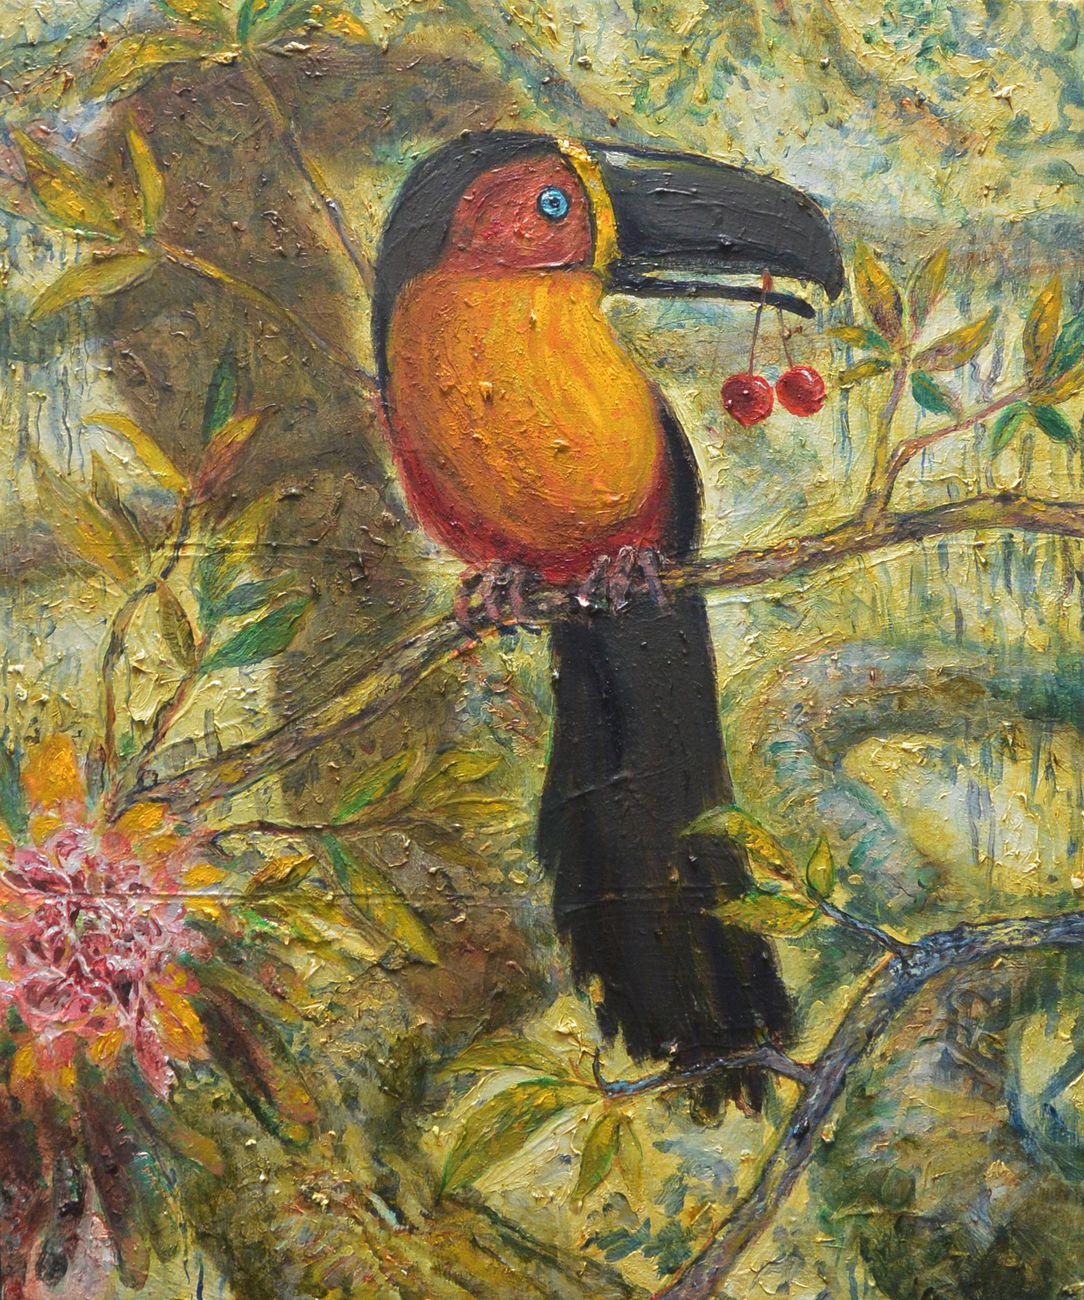 Thomas Braida, Il pappagallo e le ciliege, 2014, cm 60x50, olio su tela